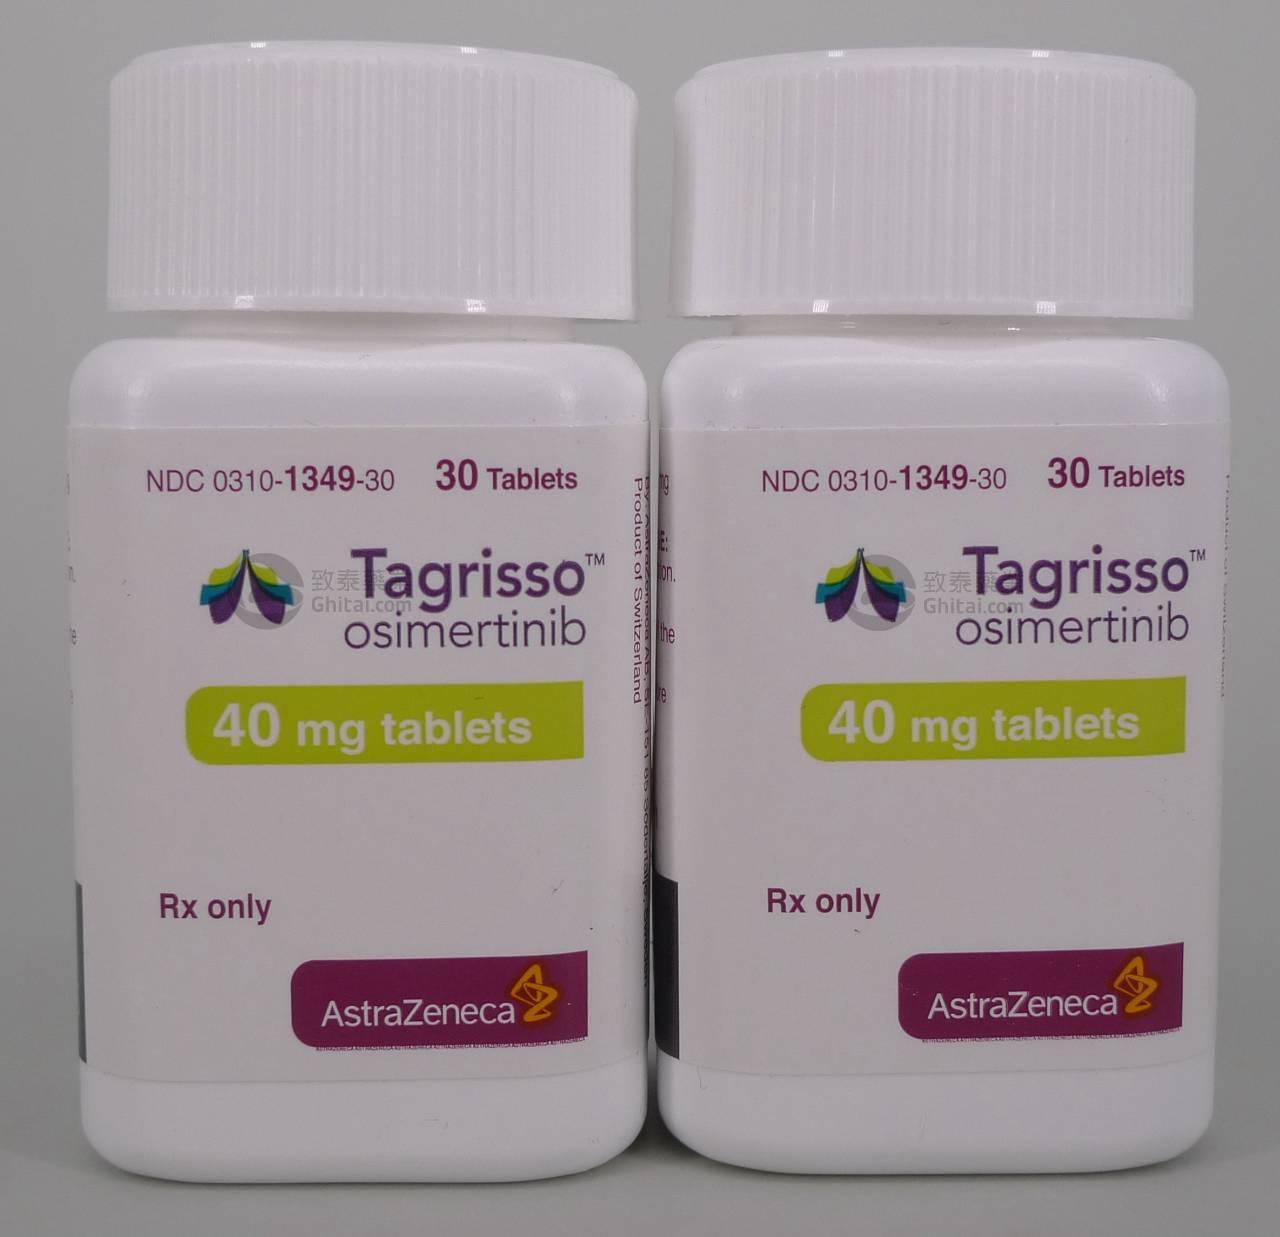 【重磅】阿斯利康重磅炸弹Tagrisso肺癌三期试验结果积极!